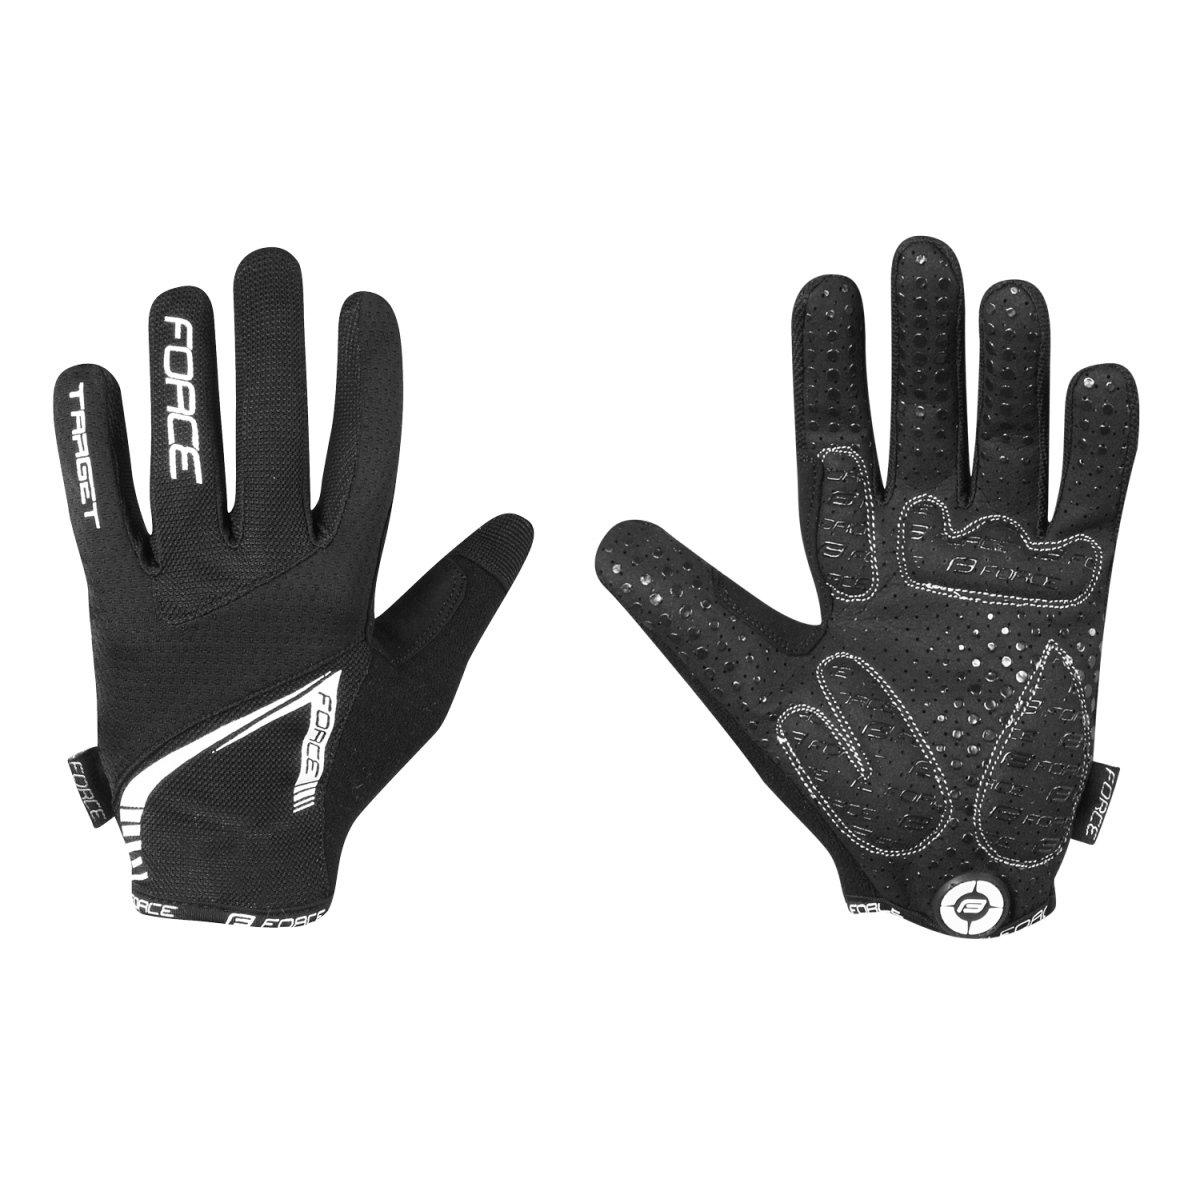 Force MTB Target handske med lange fingre | Handsker